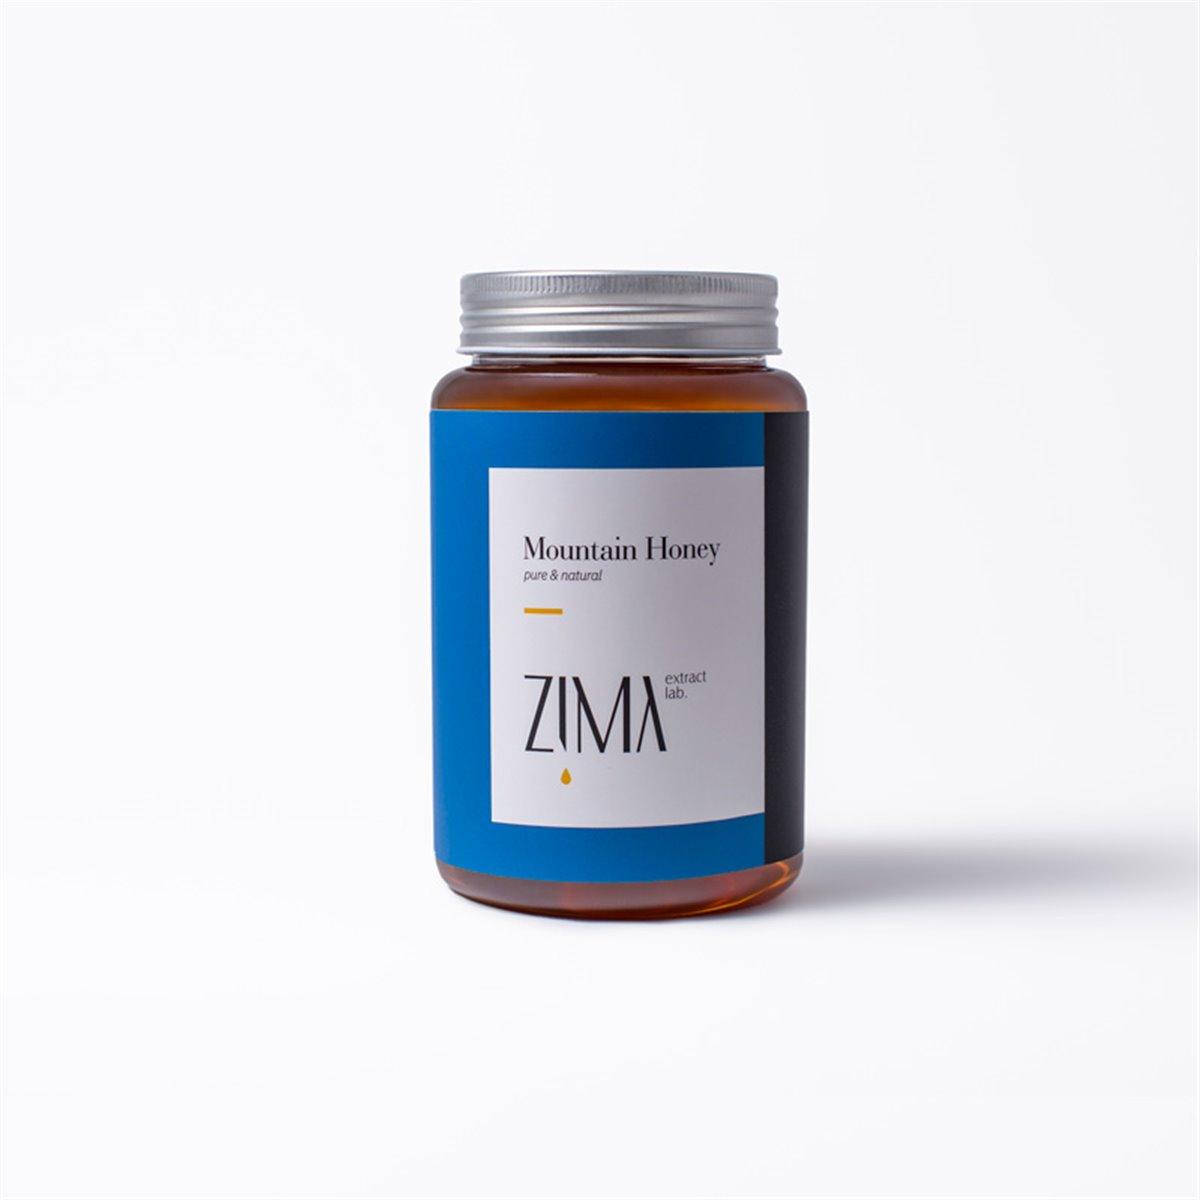 تقویت حافظه و قوای جنسی با خرید عسل کوهستان زیمالب